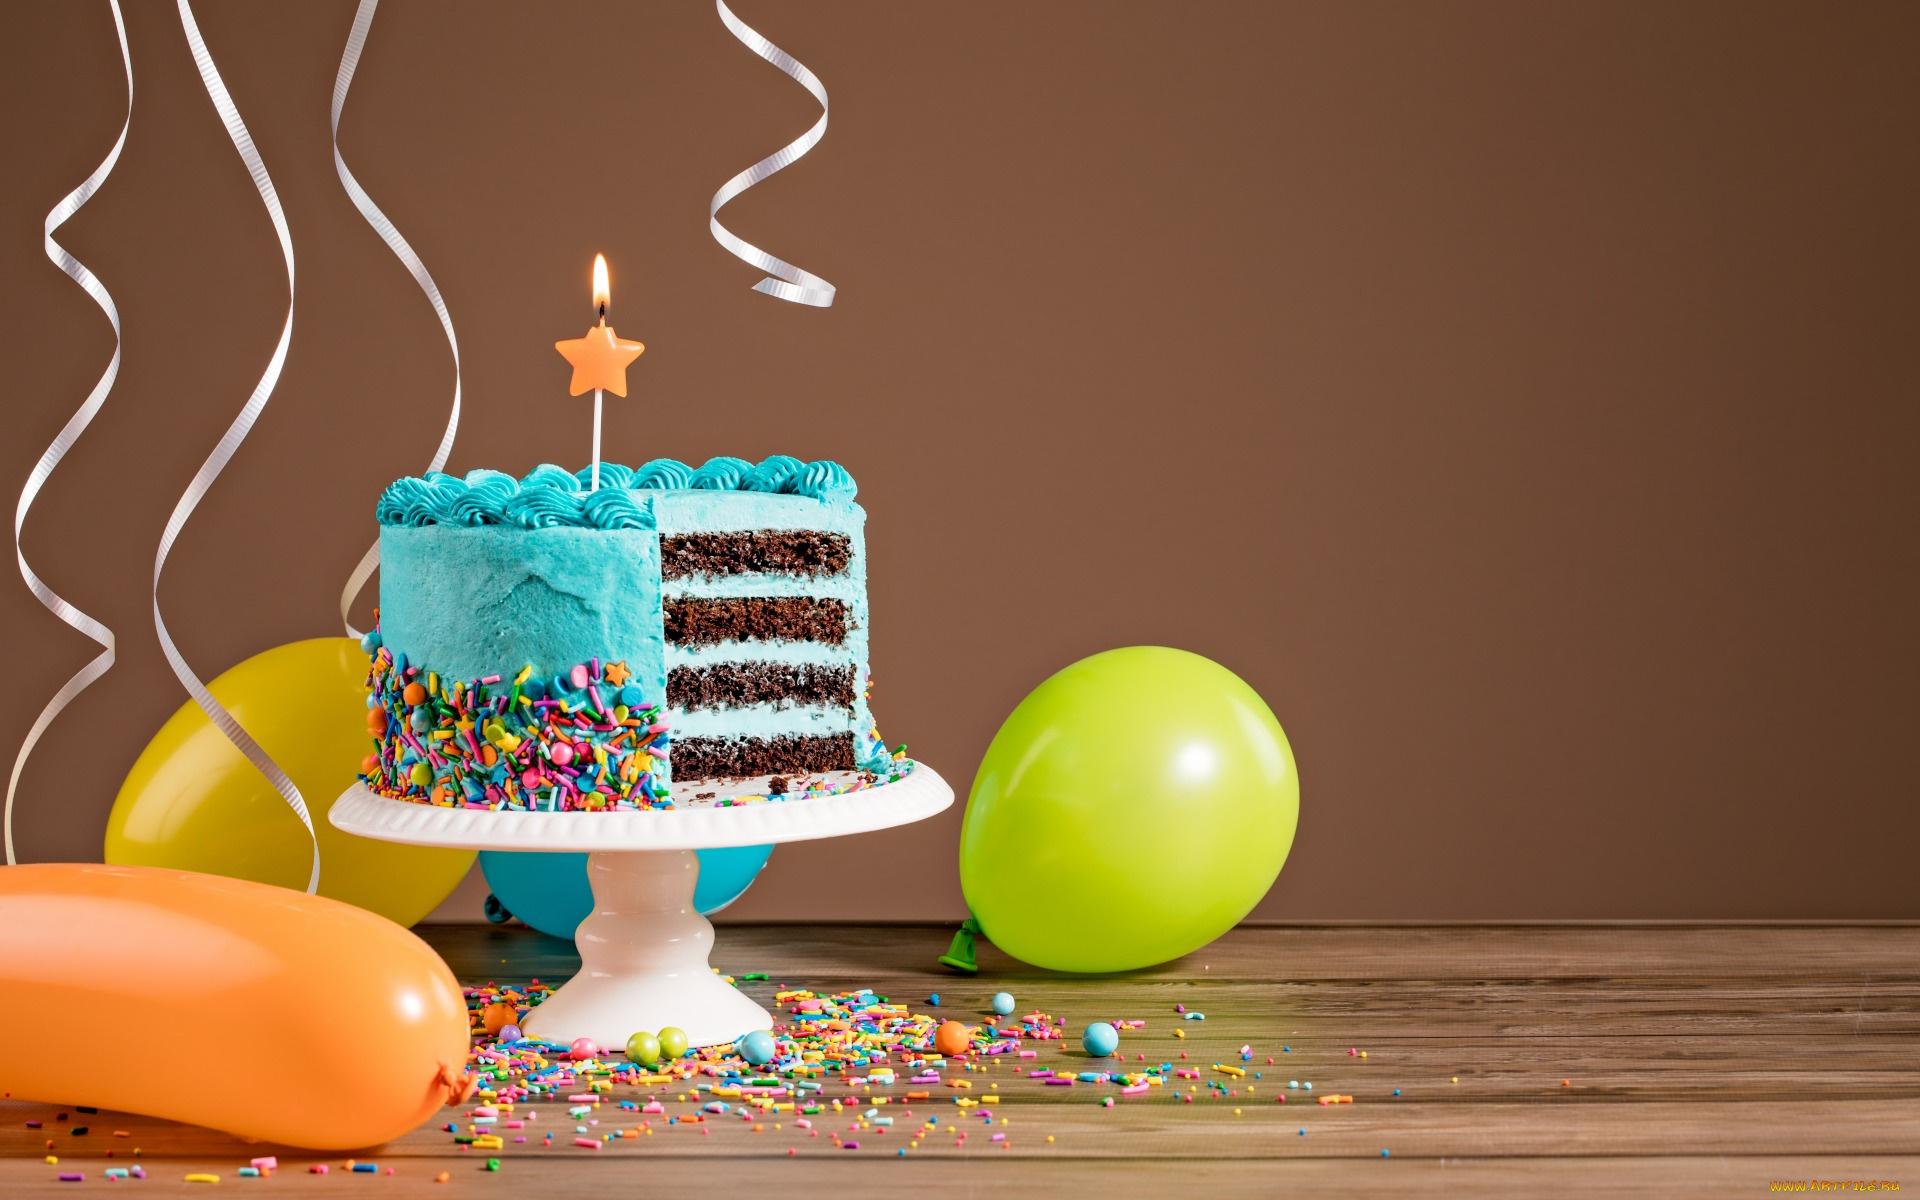 Шариками, картинки шарики торты поздравления с днем рождения